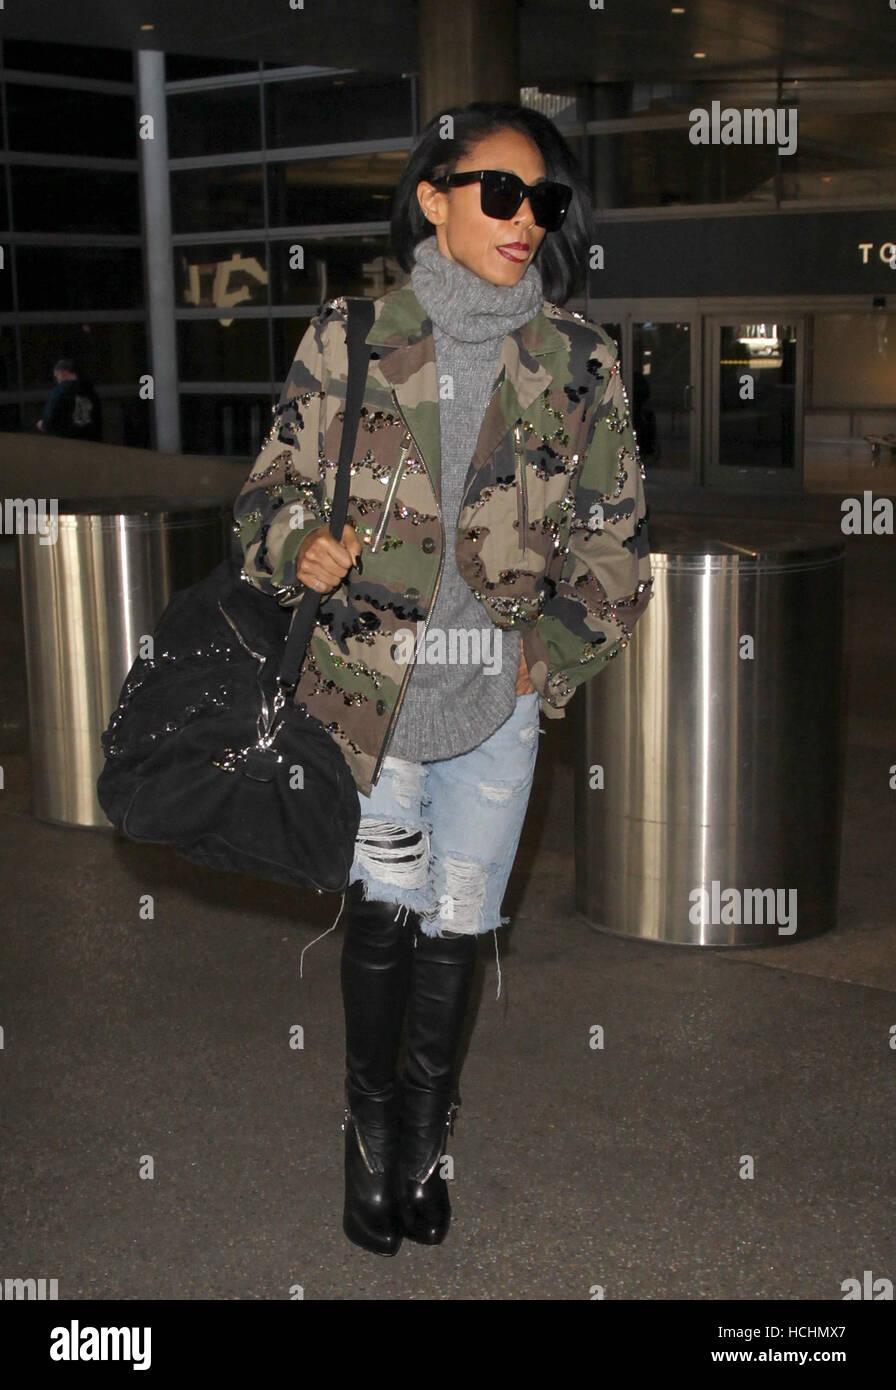 366bb2d0ec7 Los Angeles, Ca, USA. 8th Dec, 2016. Jada Pinkett Smith seen at LAX ...